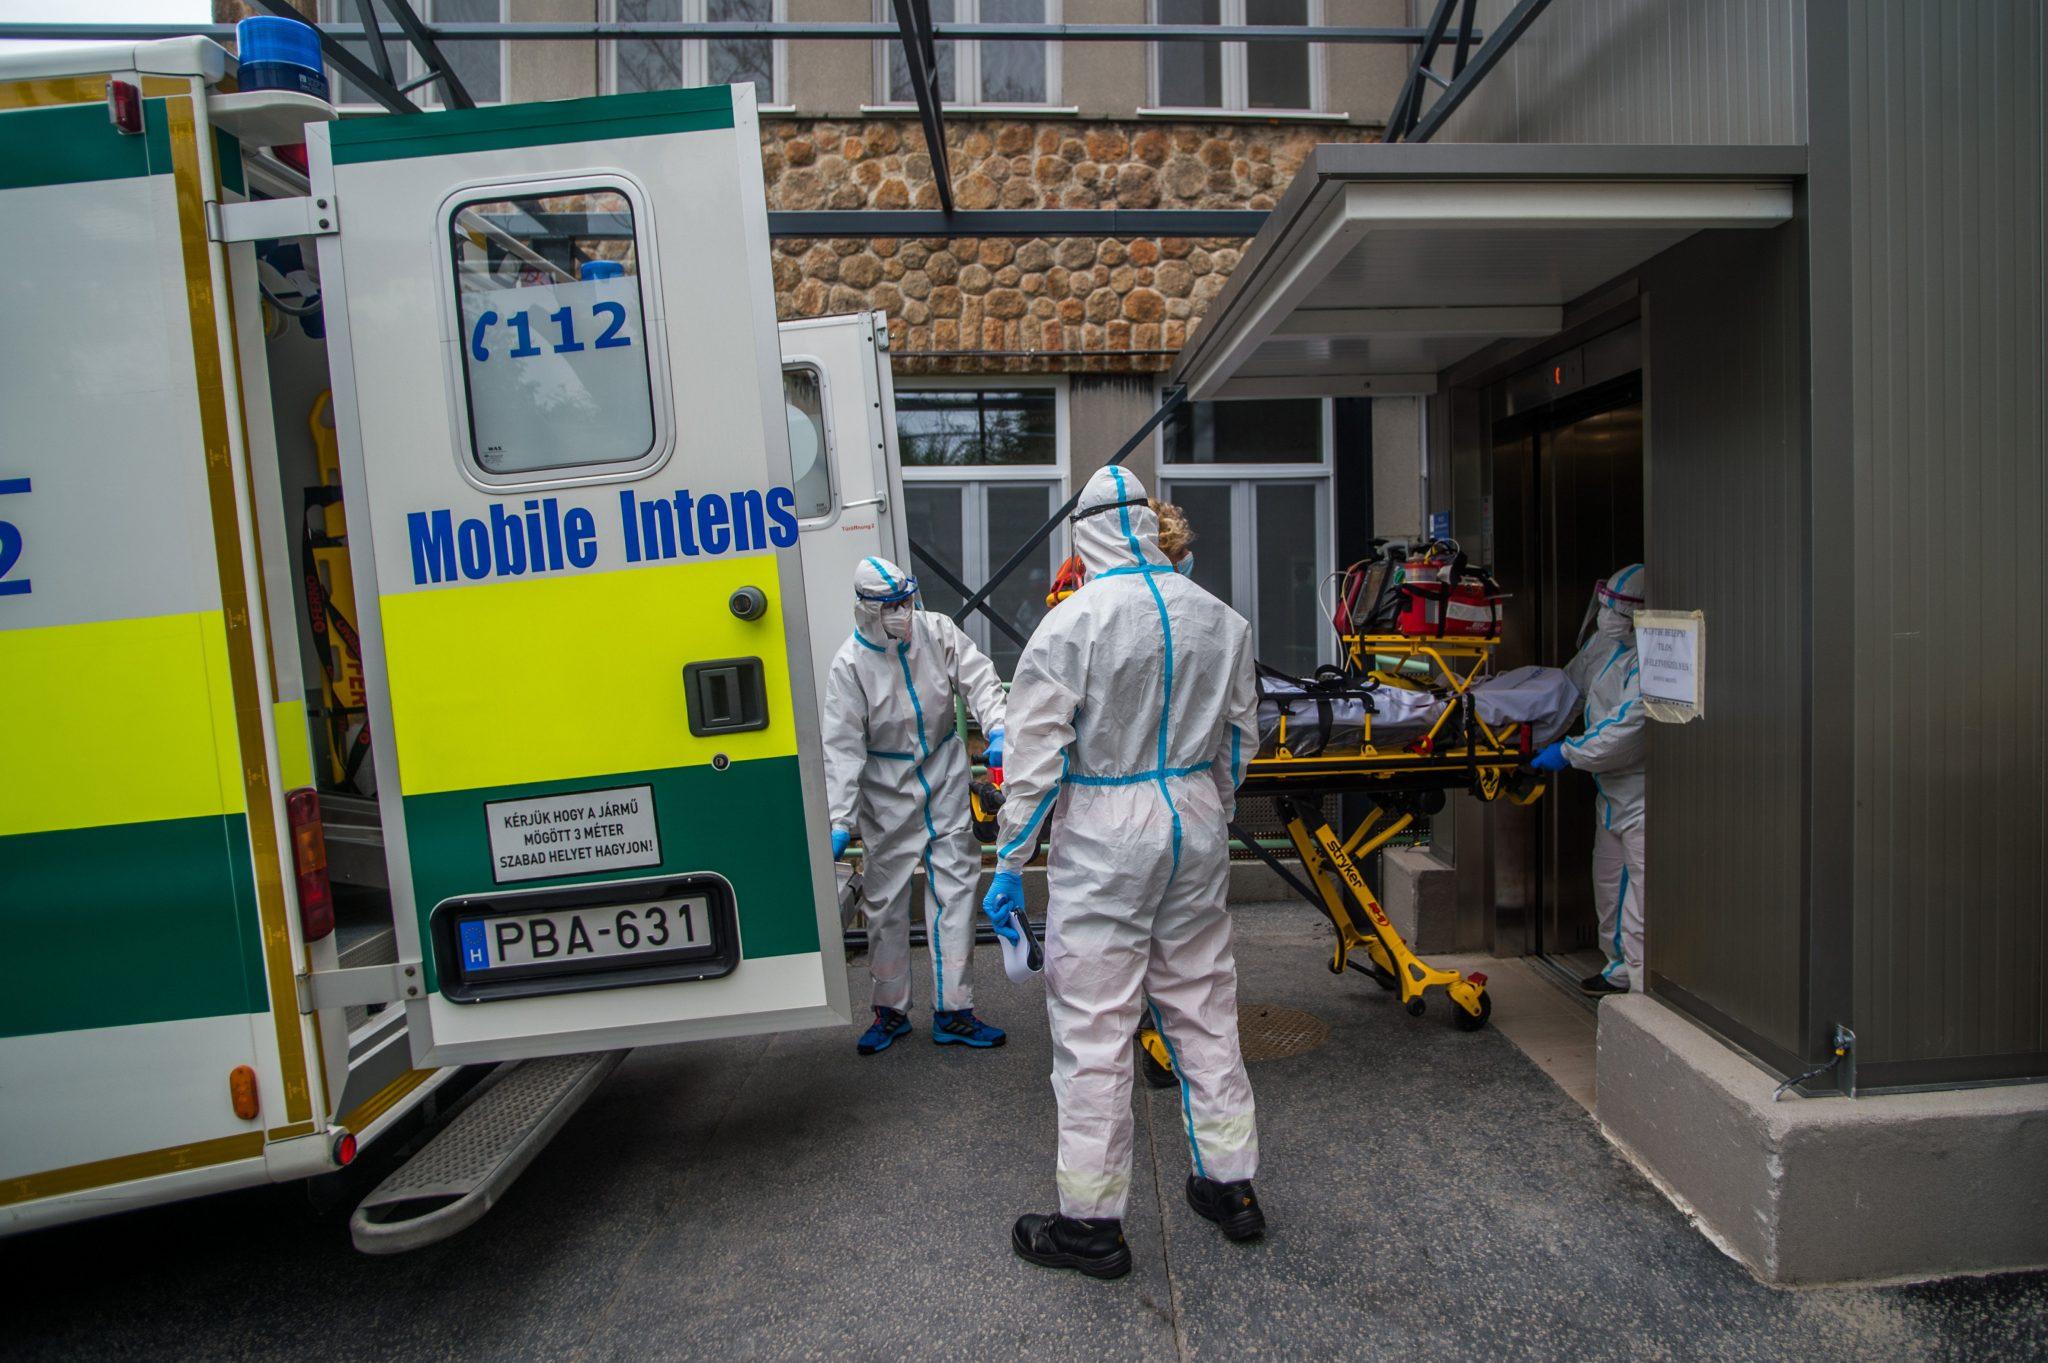 Coronavirus: 102 Fatalities, 2,855 New Infections Registered in Hungary